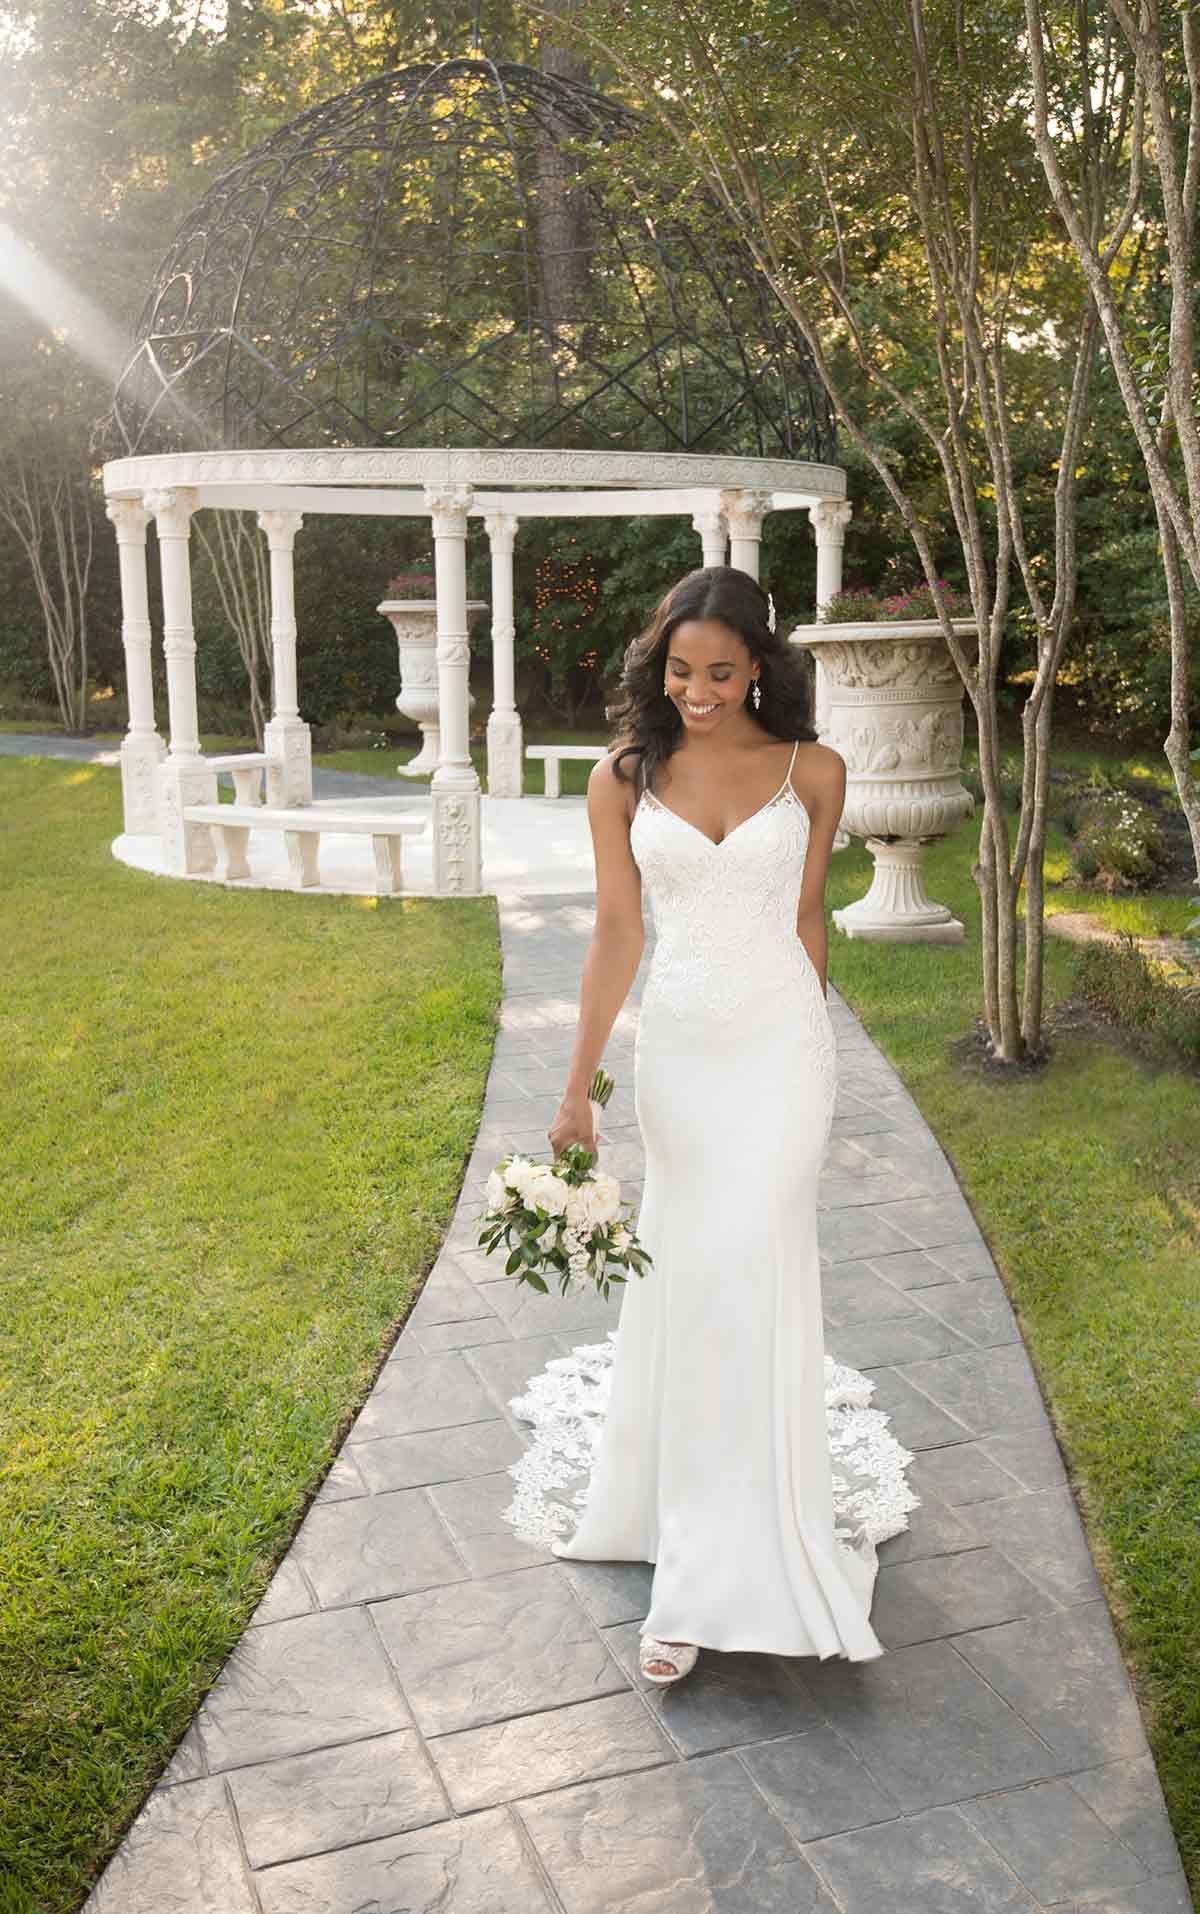 7497326a17c Sexy Beach Wedding Gown - Stella York Wedding Dresses in 2018 ...